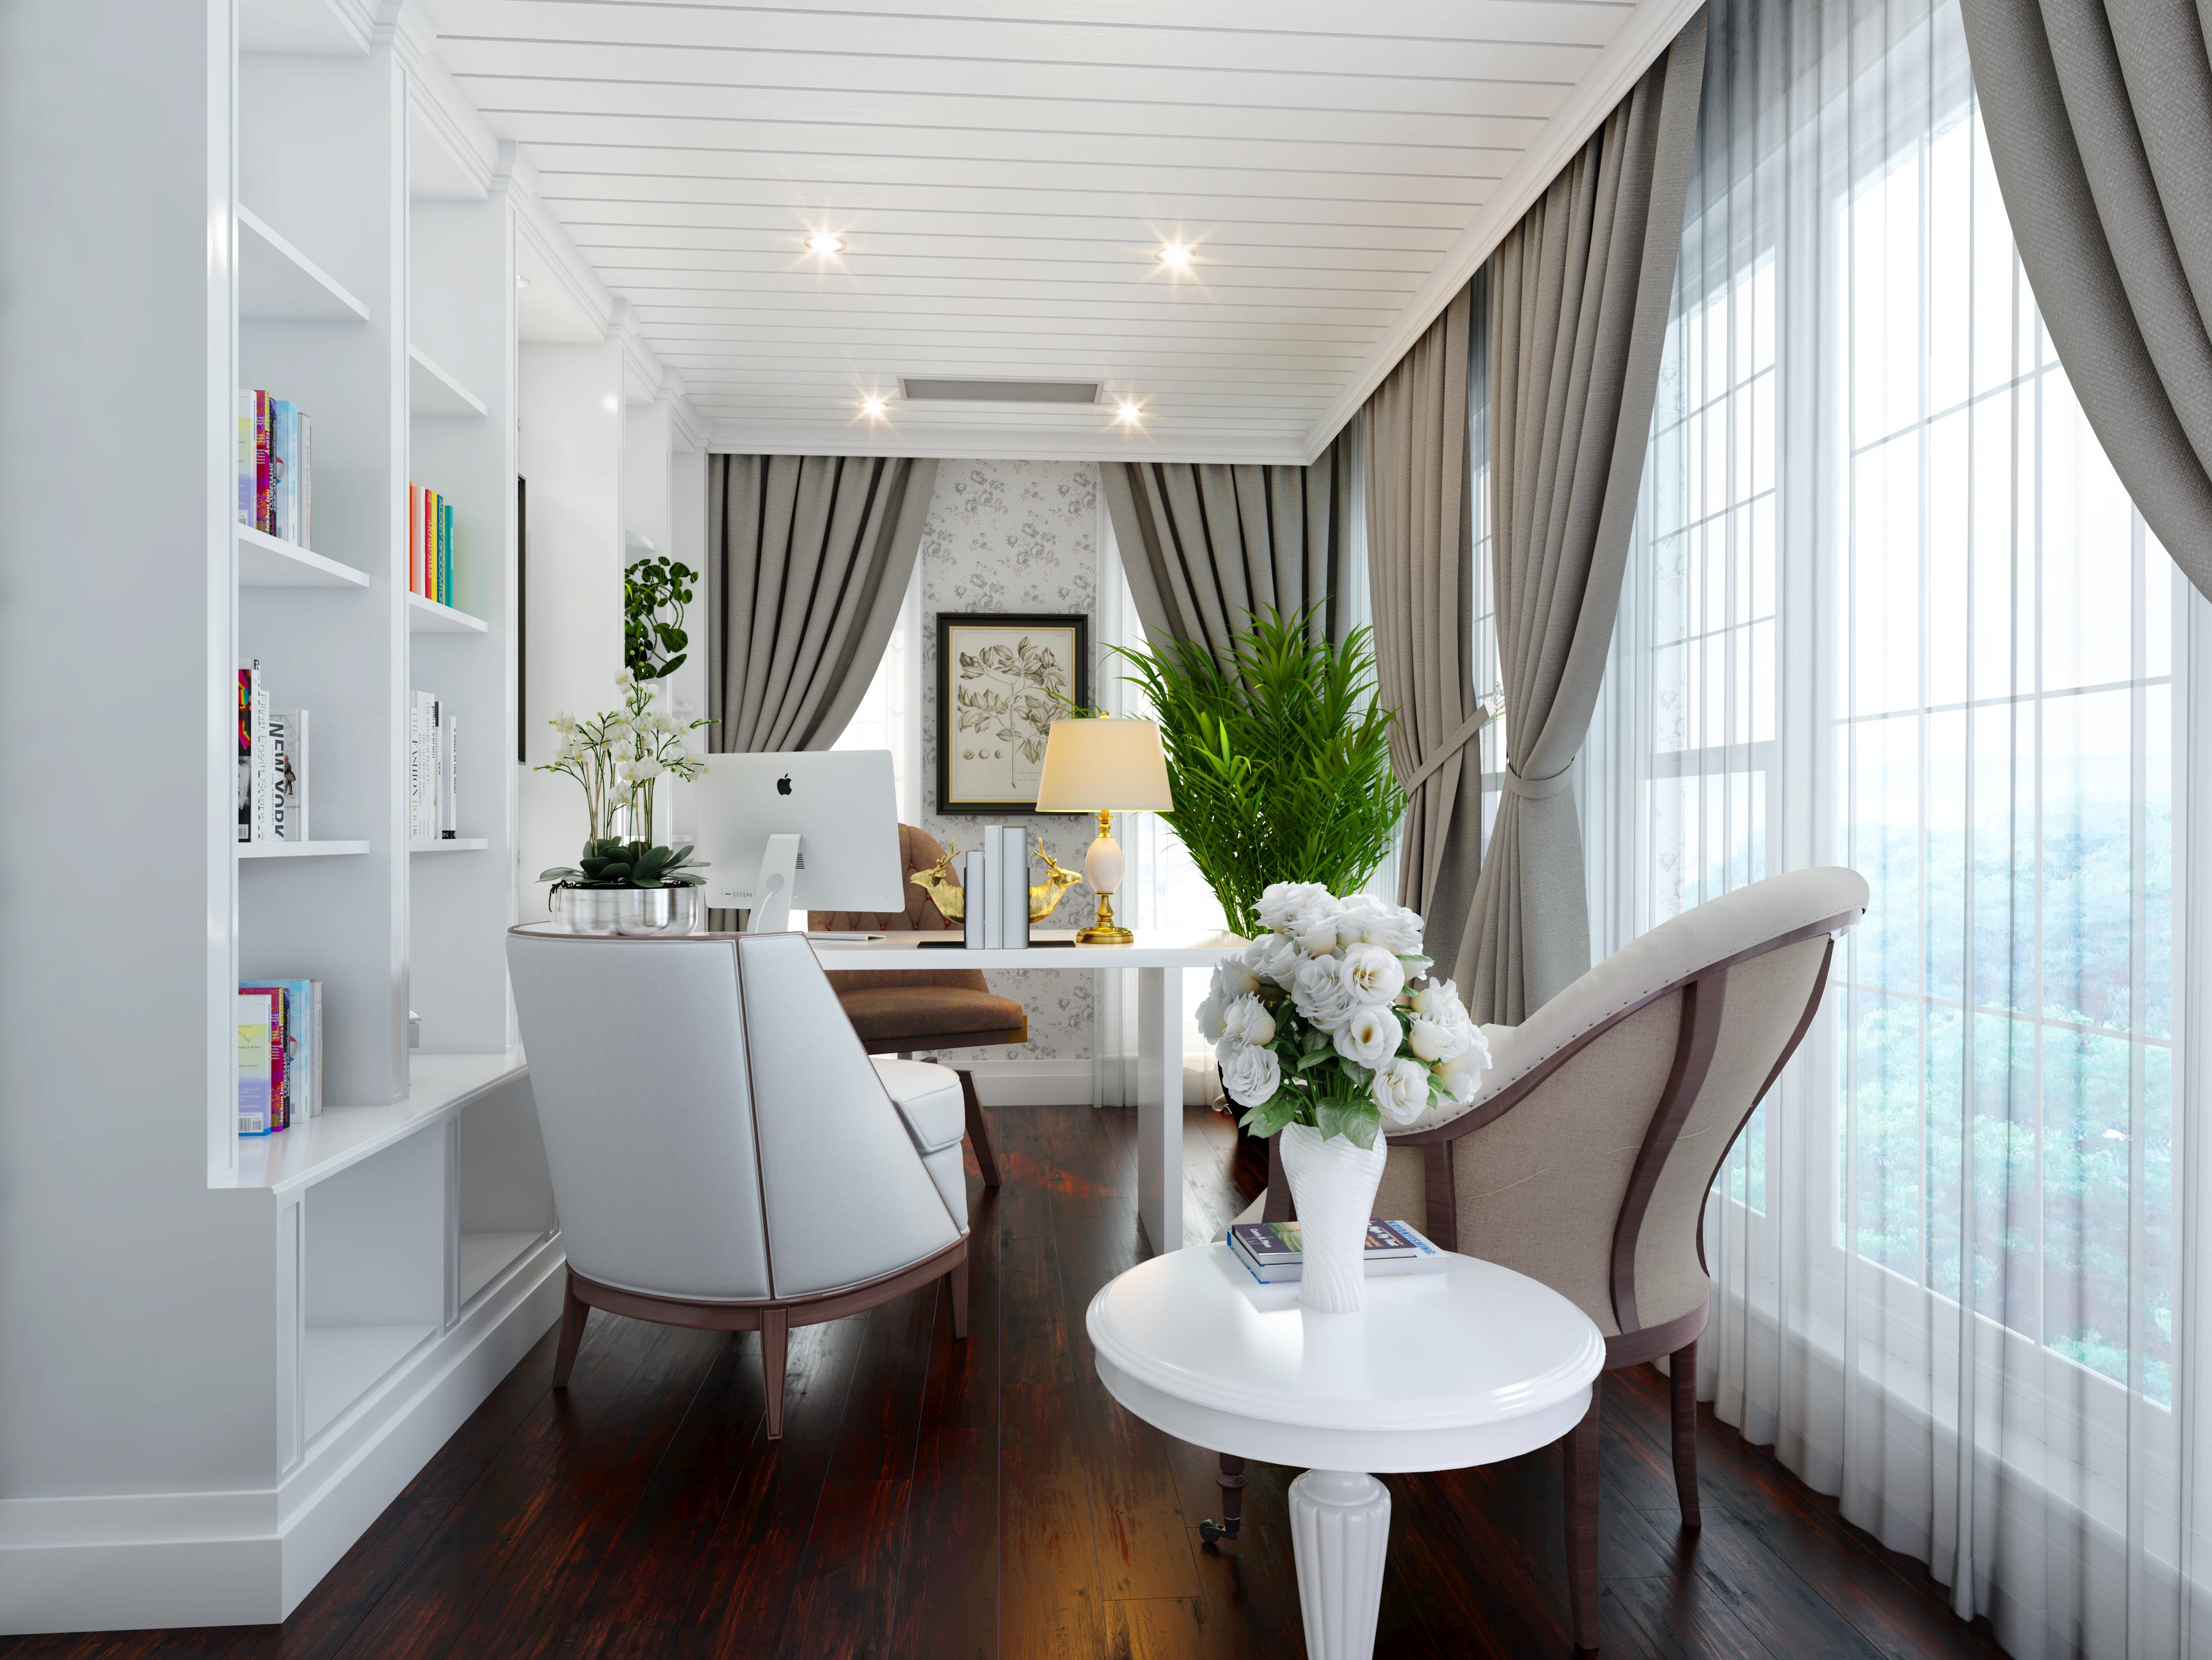 英伦风书房一张|空间|室内设计|caozhixin - 原创作品图片